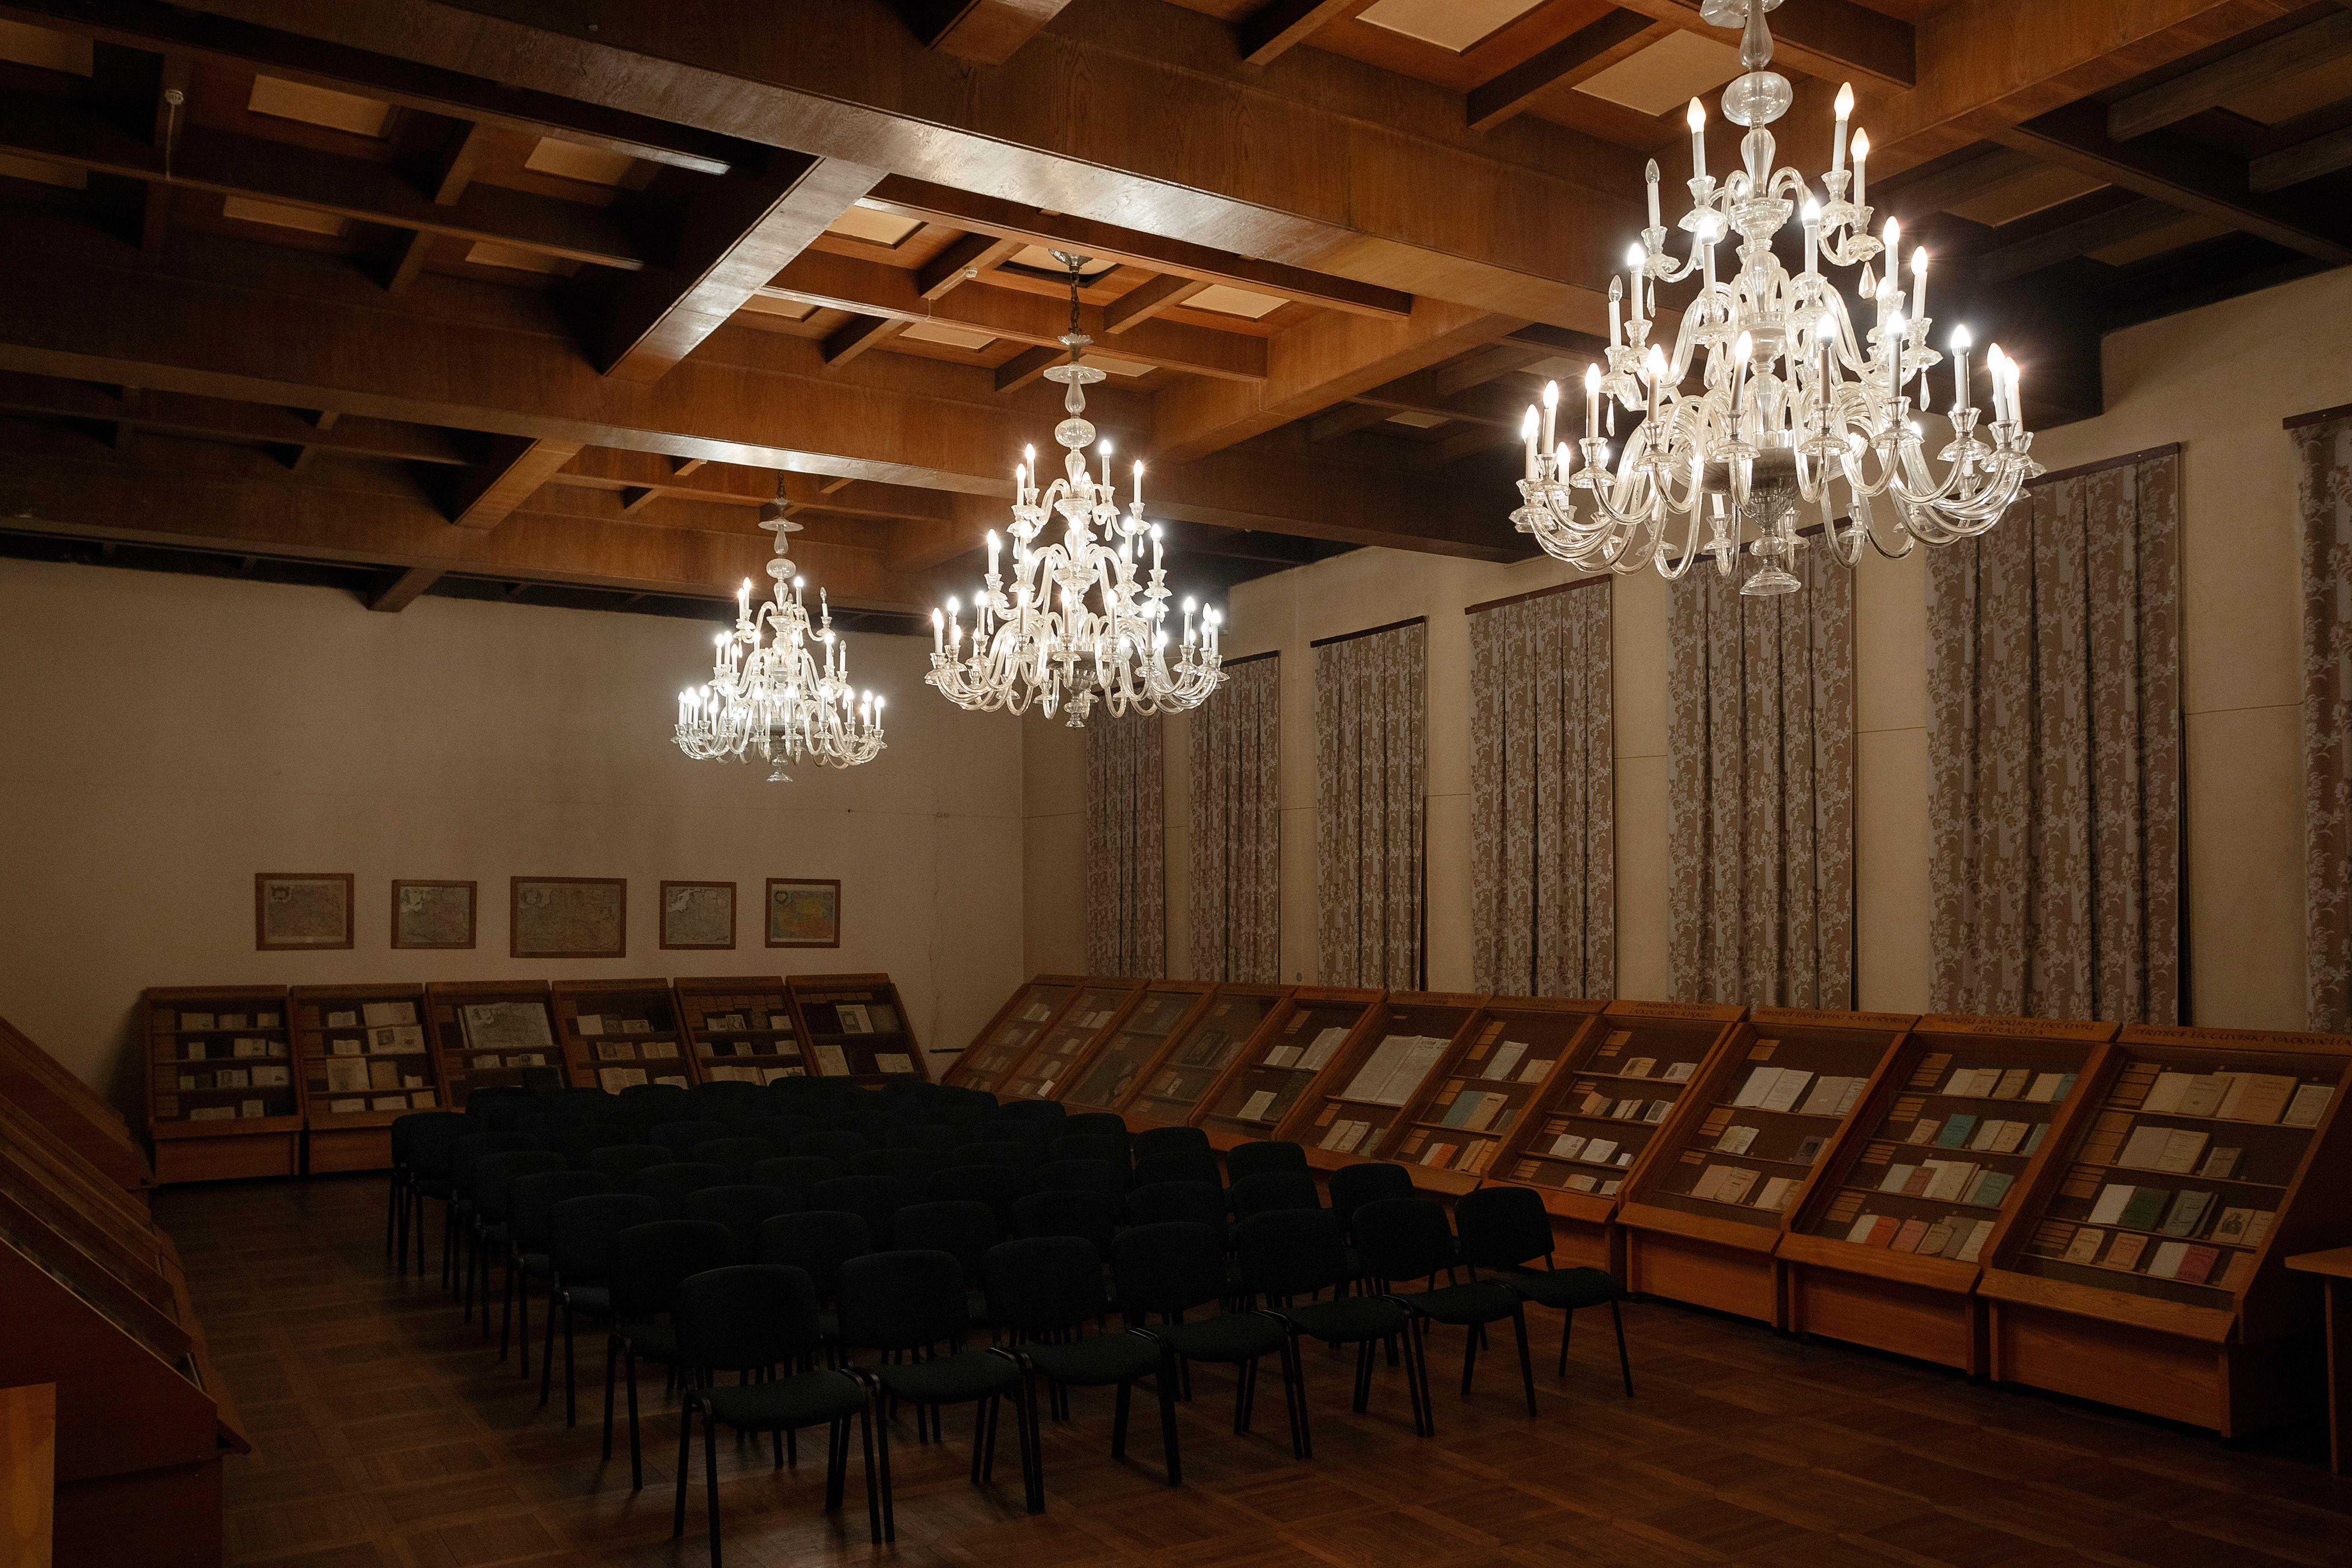 Chandeliers, 1938, Kaunas County Public Library. Photo by Povilas Jarmala, 2019